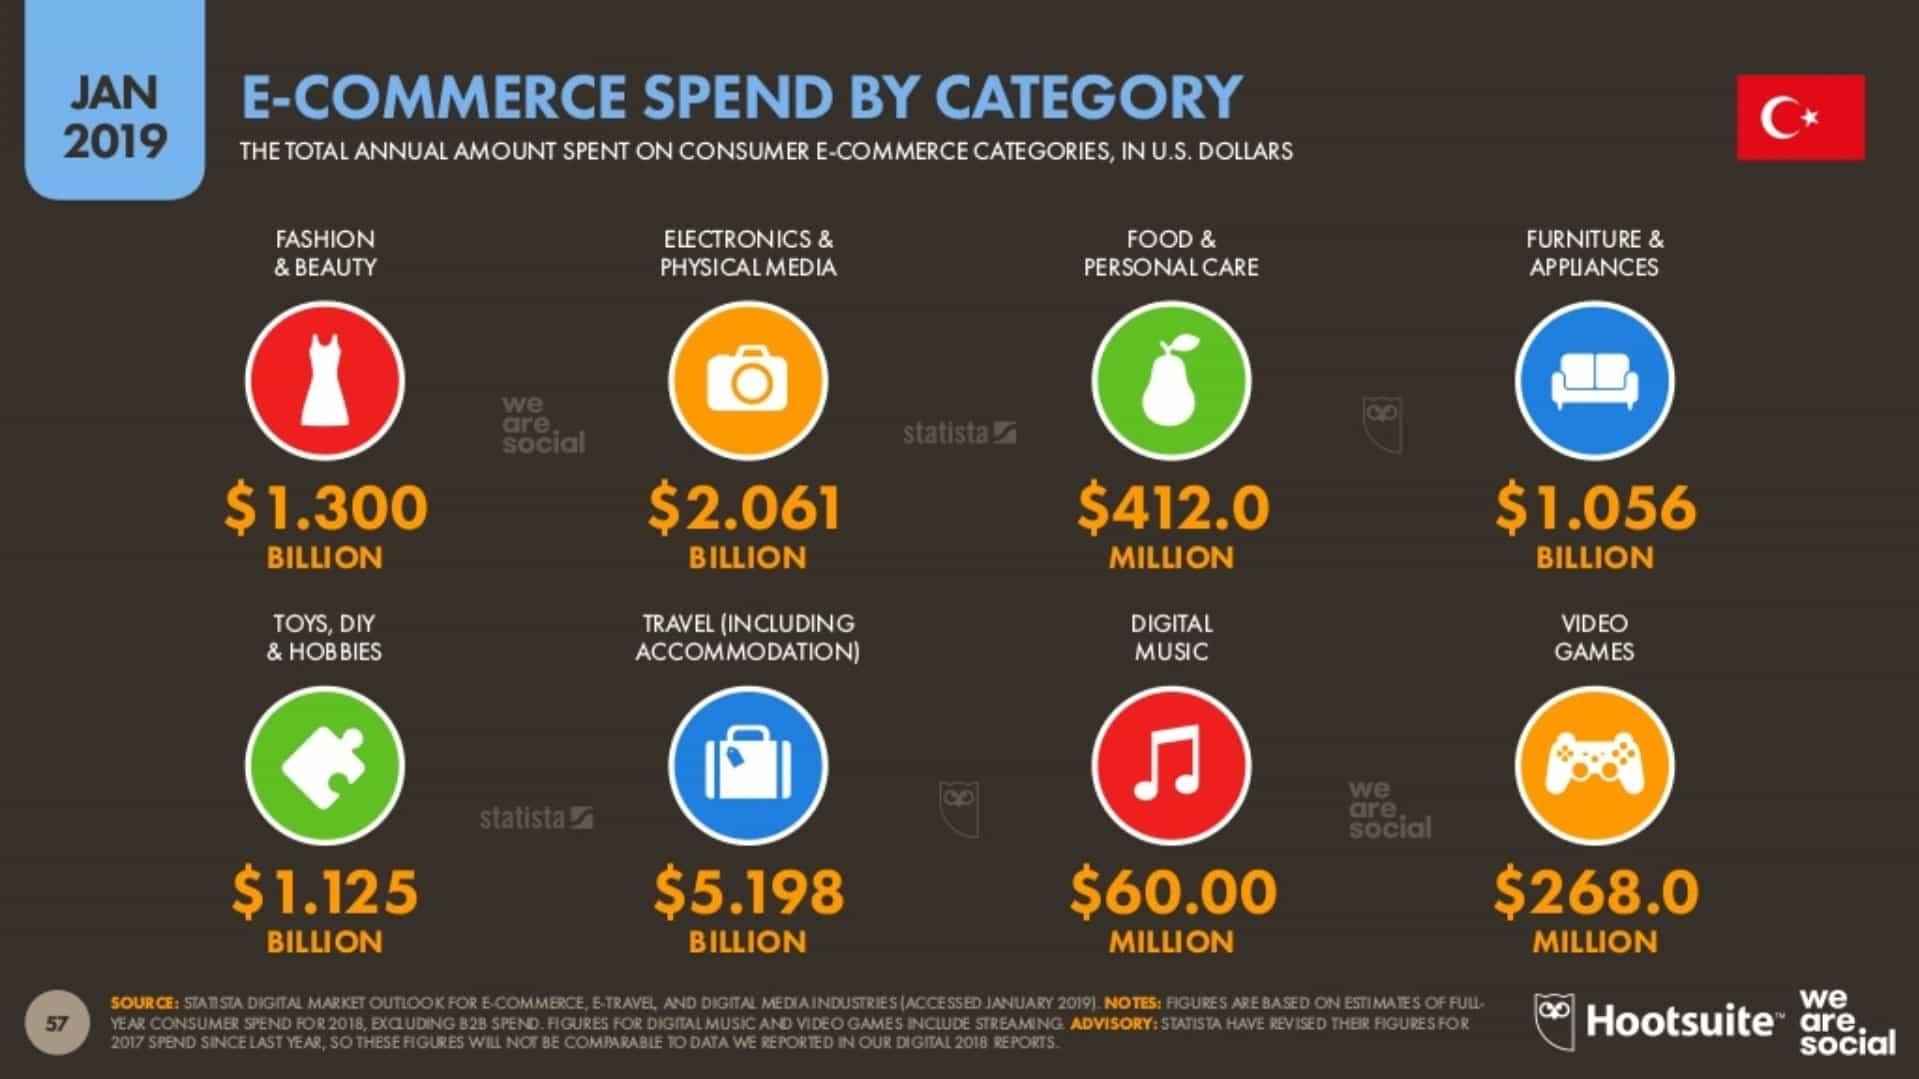 E-Ticaret Alışverişlerinde Türkiye Ne Kadar Para Harcadı?